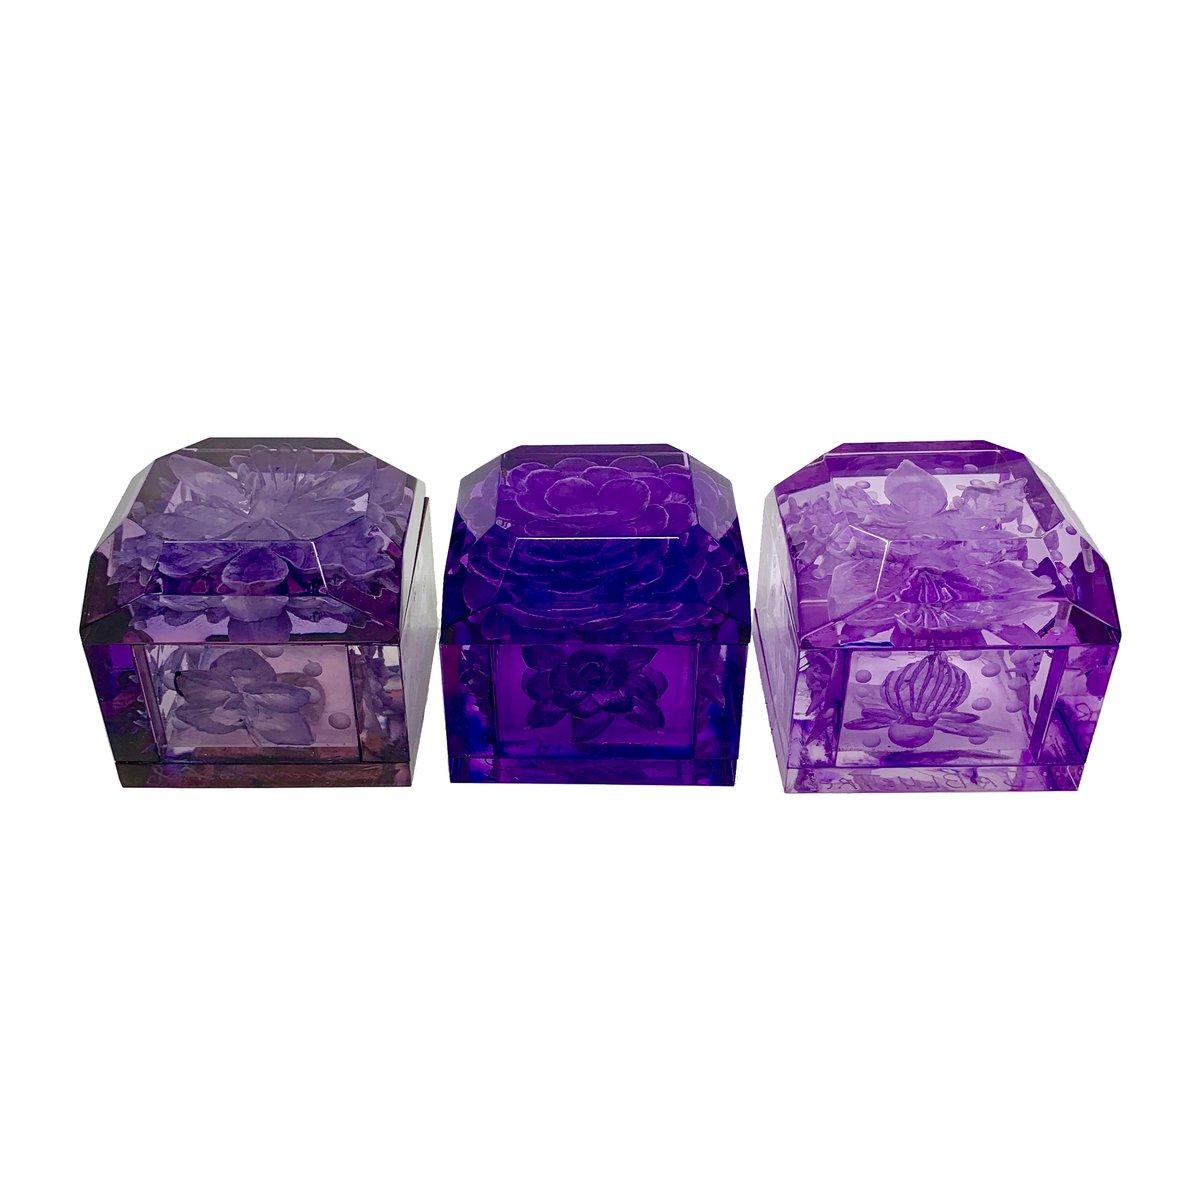 Image of Mini Lucite Boxes (Purple Tones)